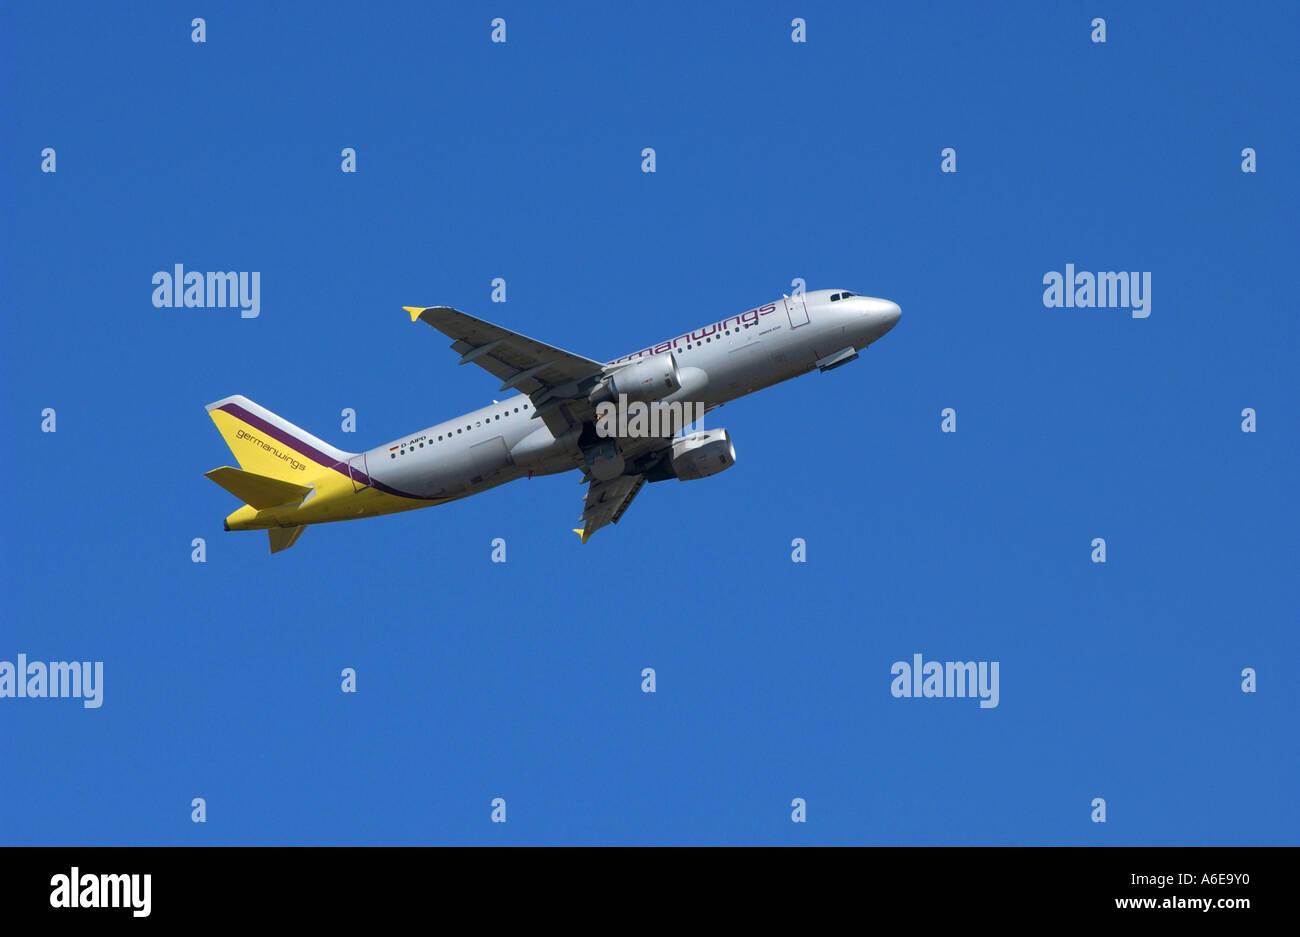 Germanwings airplane in the blue sky - Stock Image